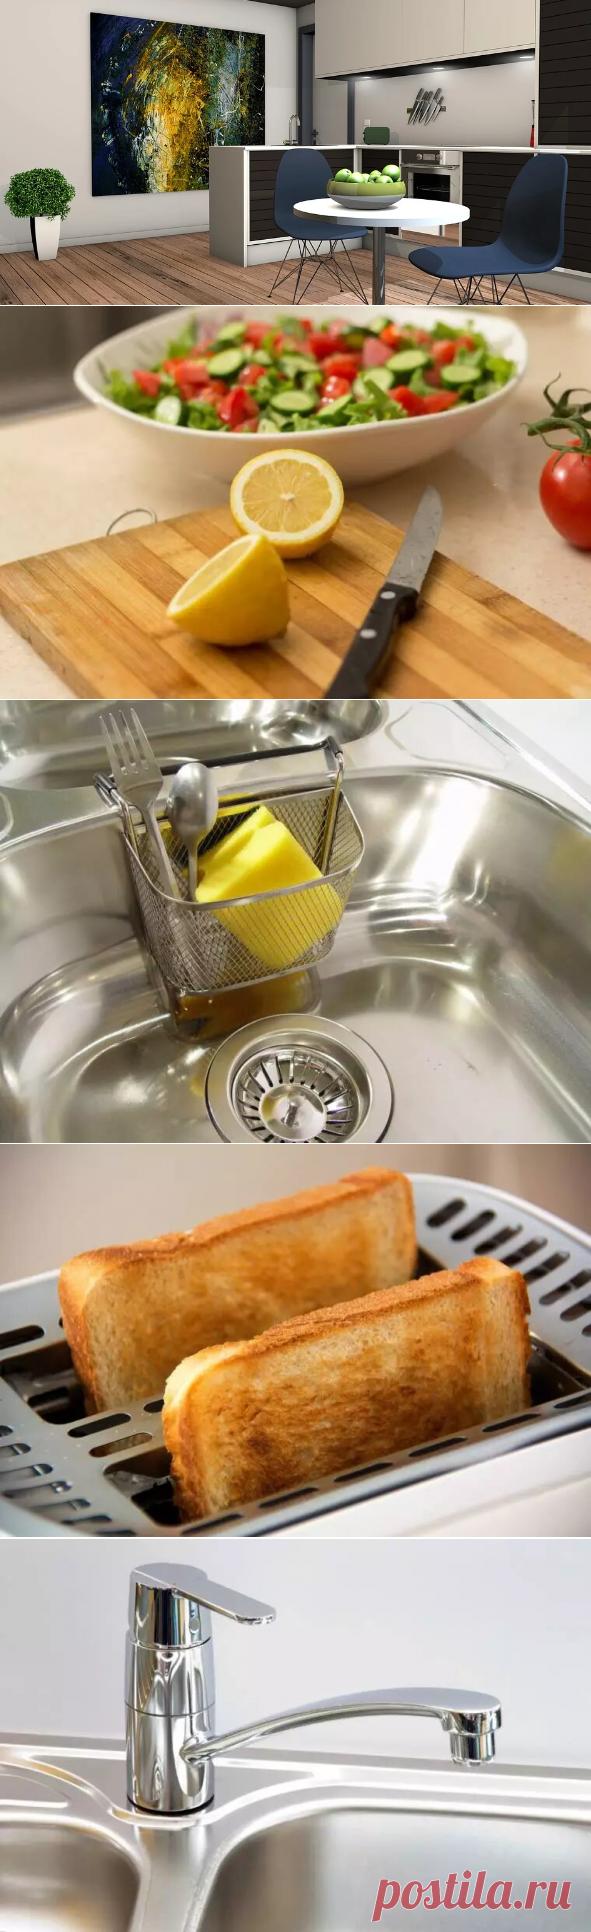 8 Лайфхаков для быстрой уборки на кухне